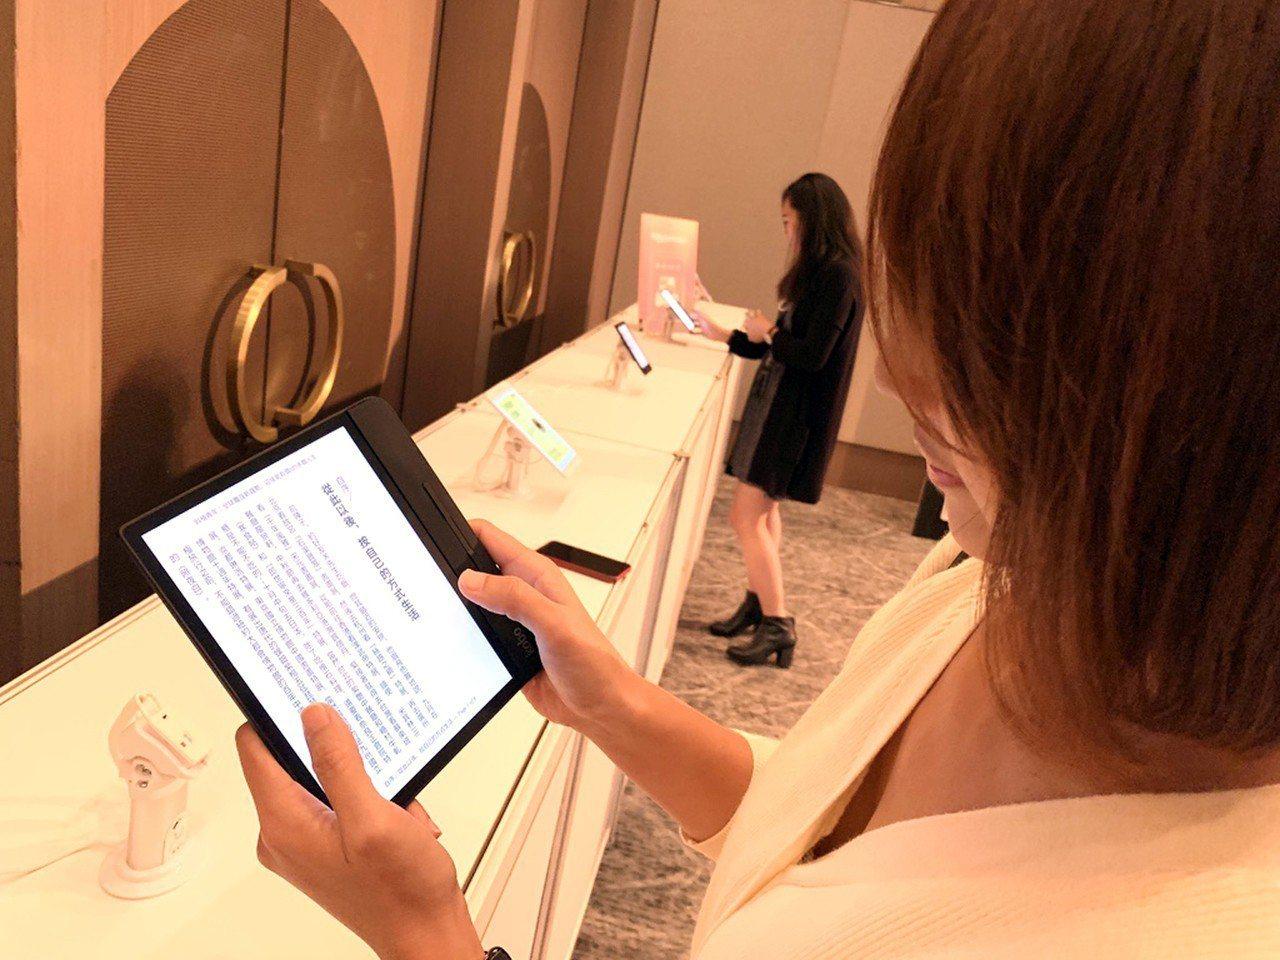 樂天Kobo拓展電子書市場,5日宣布在台灣推出8吋旗艦級電子書閱讀器,最快將於明...